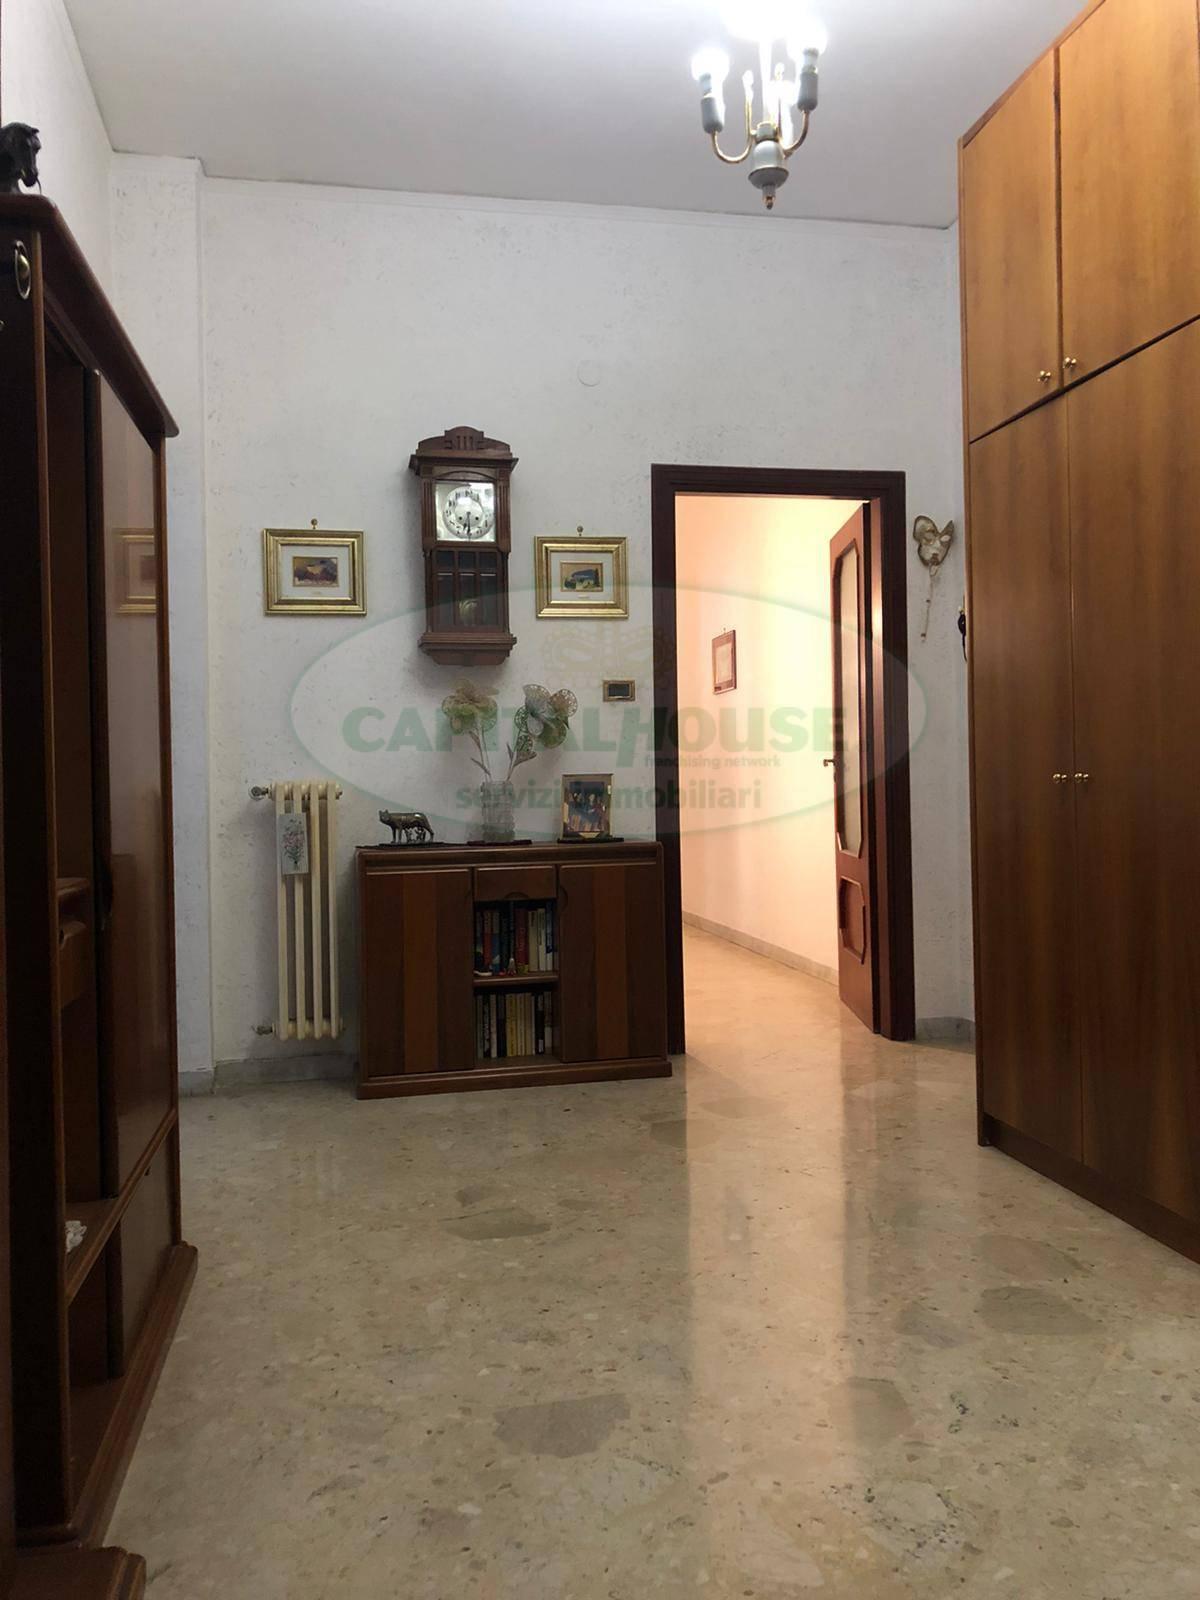 Appartamento in vendita a Avellino, 3 locali, prezzo € 135.000 | CambioCasa.it